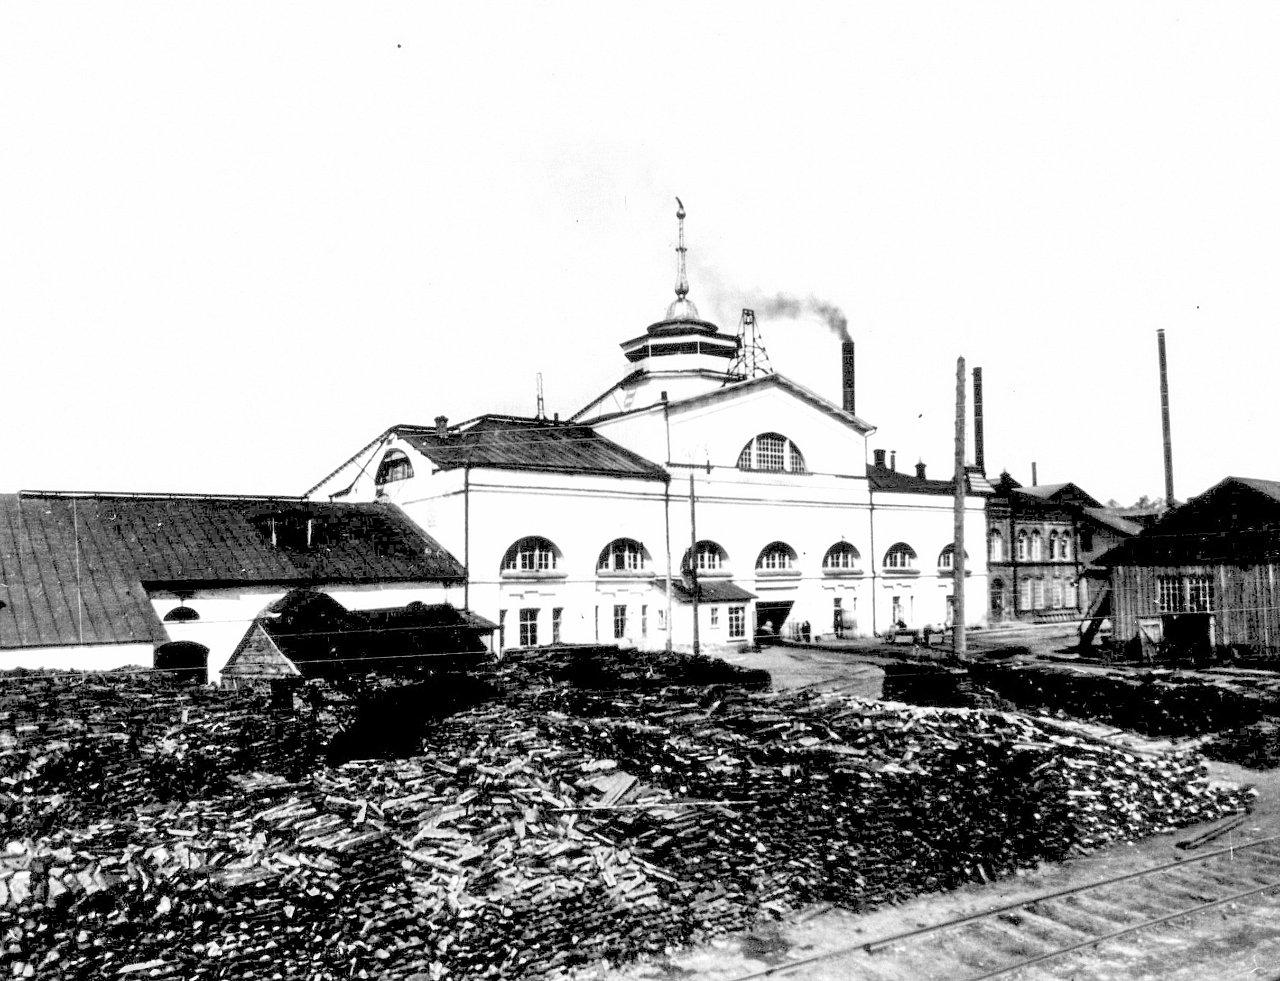 Воткинский завод. Николаевский корпус. Вид на главный въезд на завод (со стороны поселка)